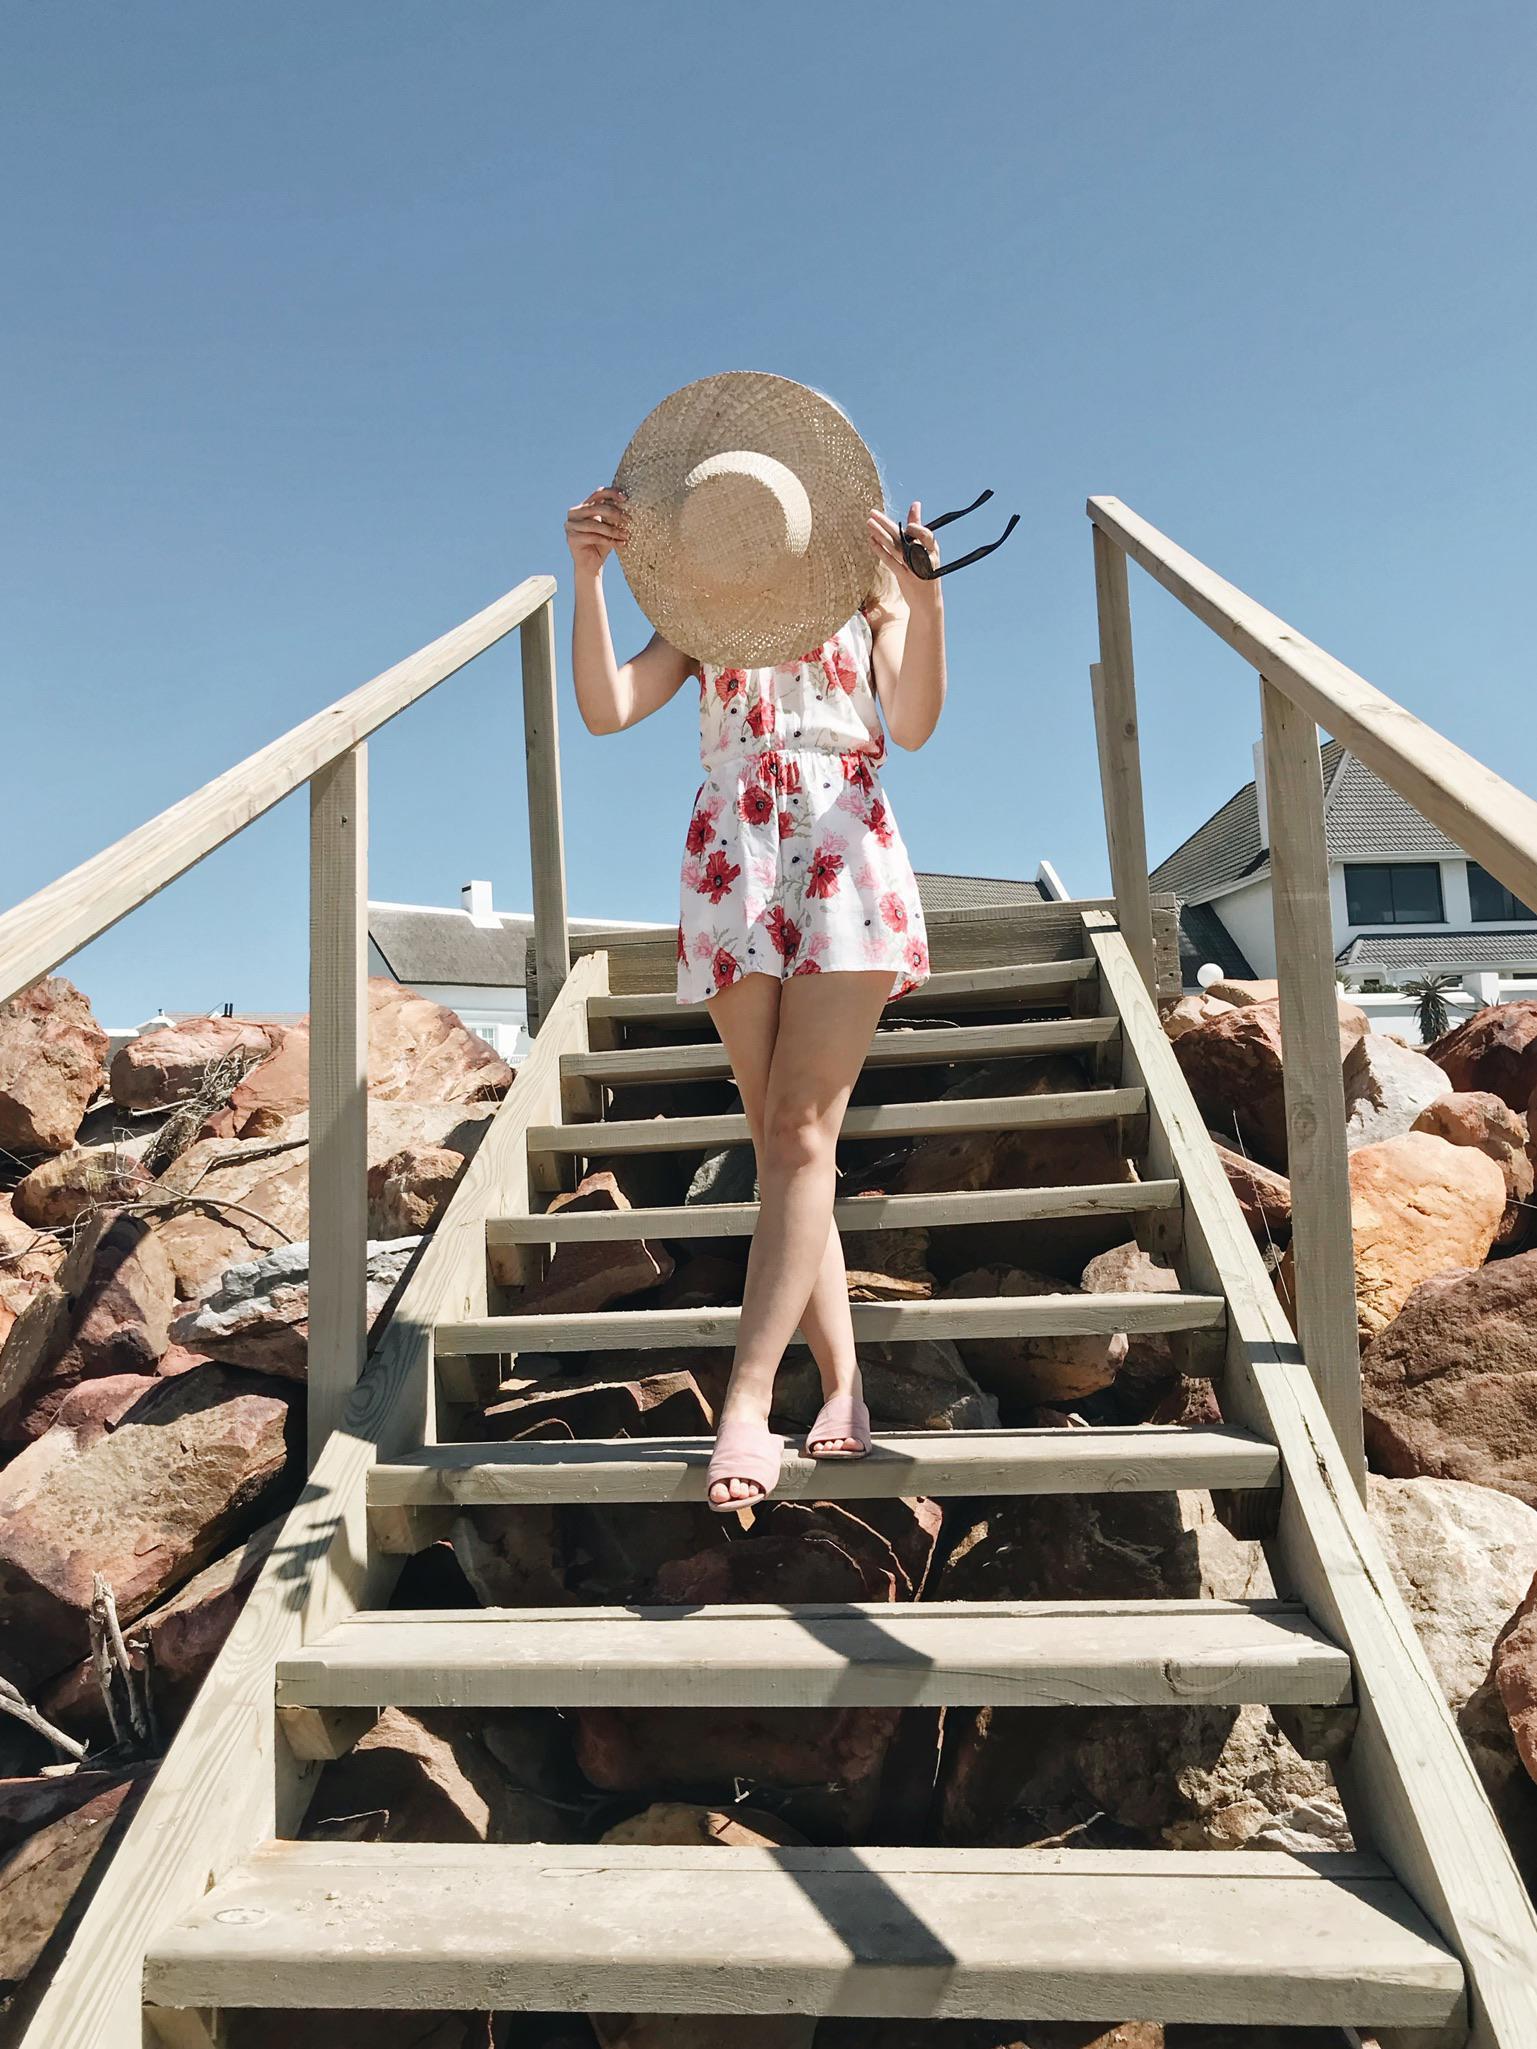 Lauren Carmen with her straw hat